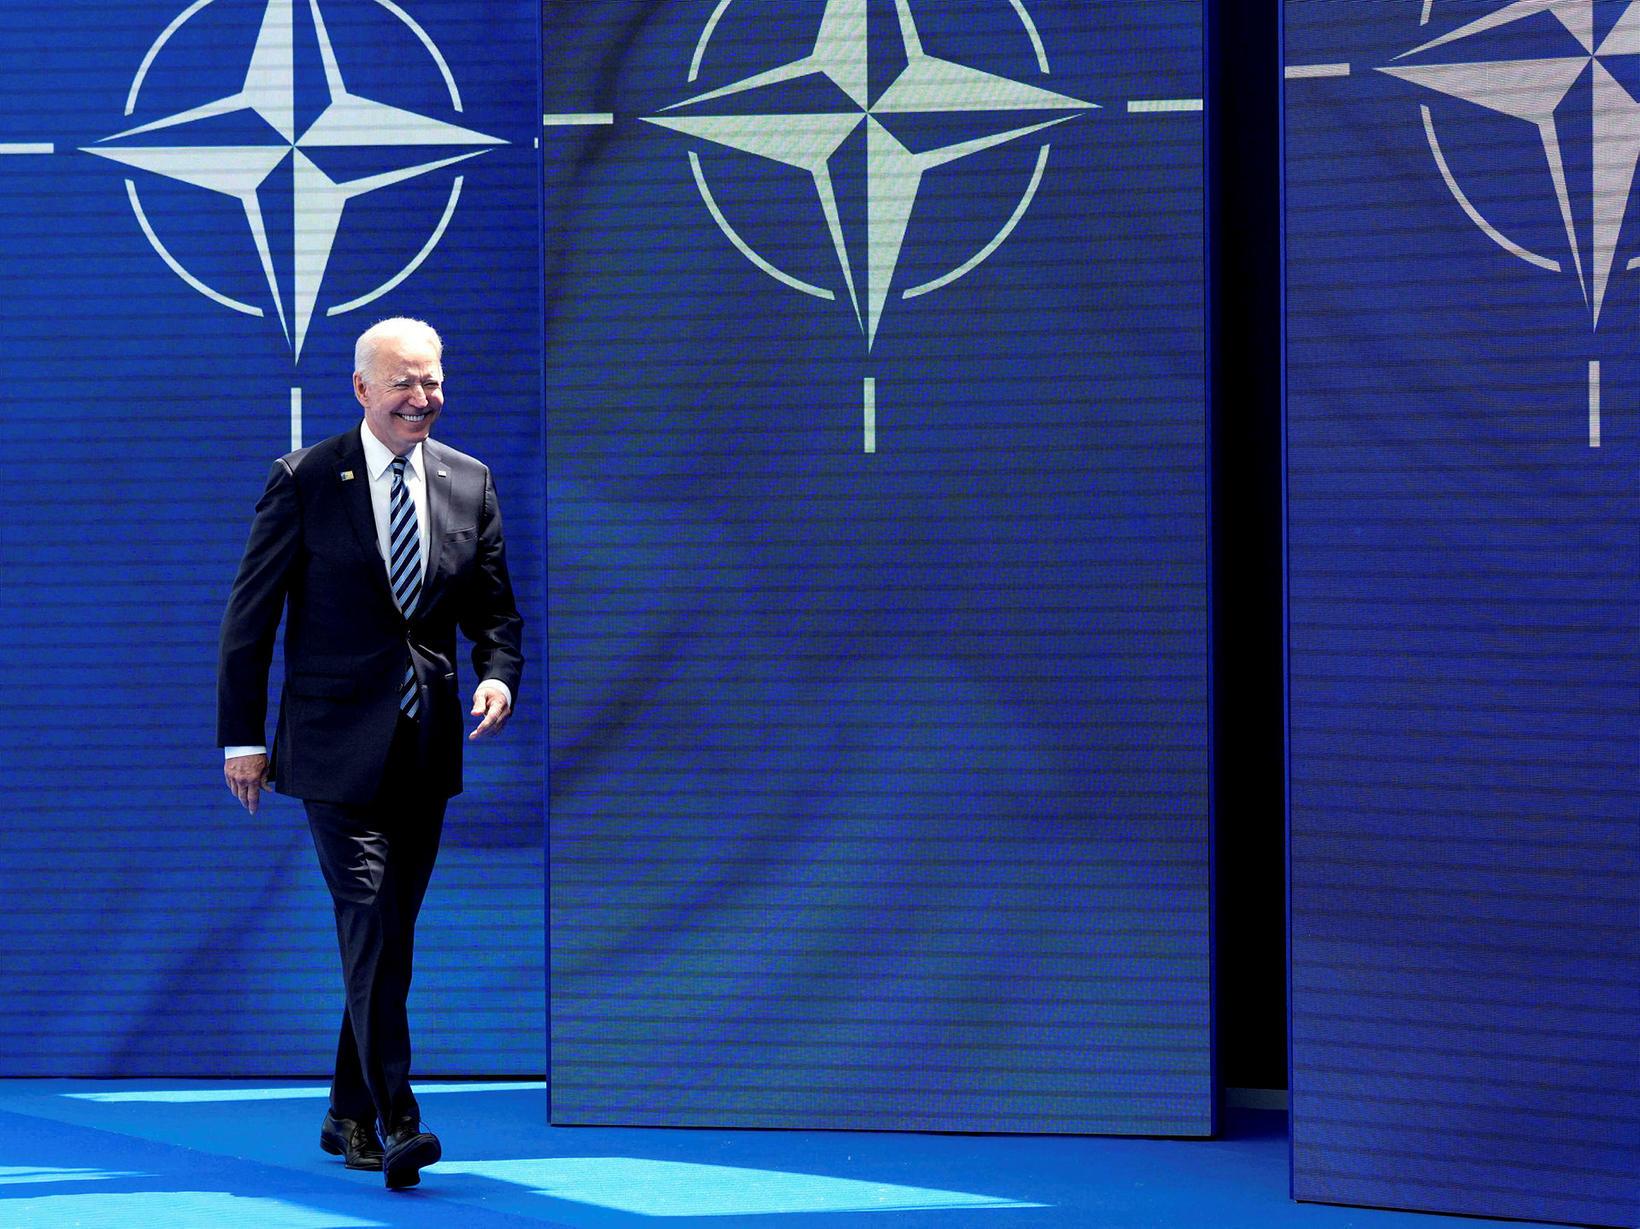 Joe Biden, forseti Bandaríkjanna mætir á sinn fyrsta leiðtogafund NATO …